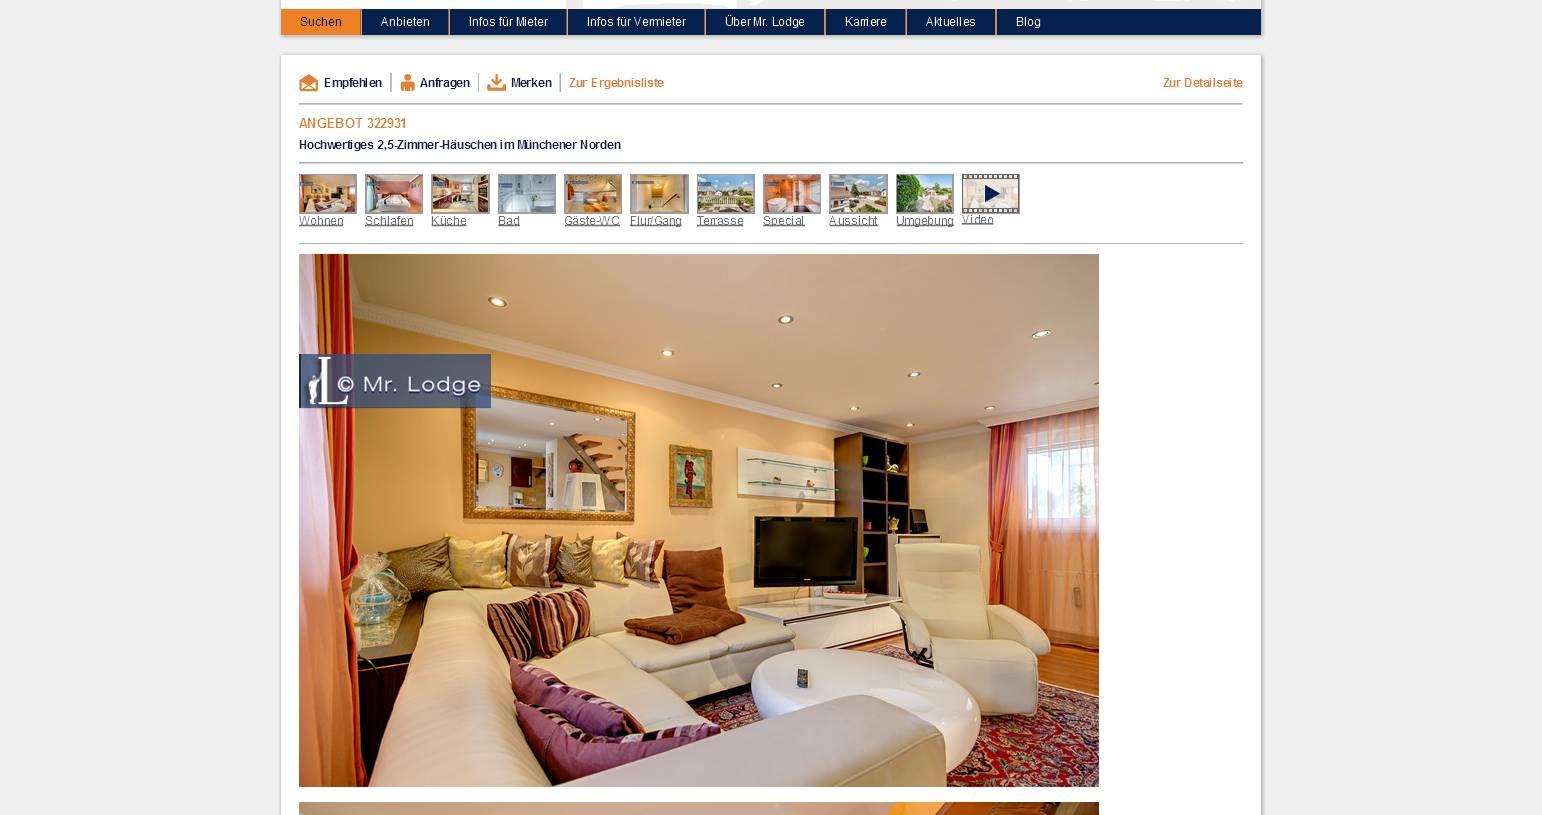 hochwertiges 2 5 zimmer kaiserstra e 00 60311 frankfurt. Black Bedroom Furniture Sets. Home Design Ideas